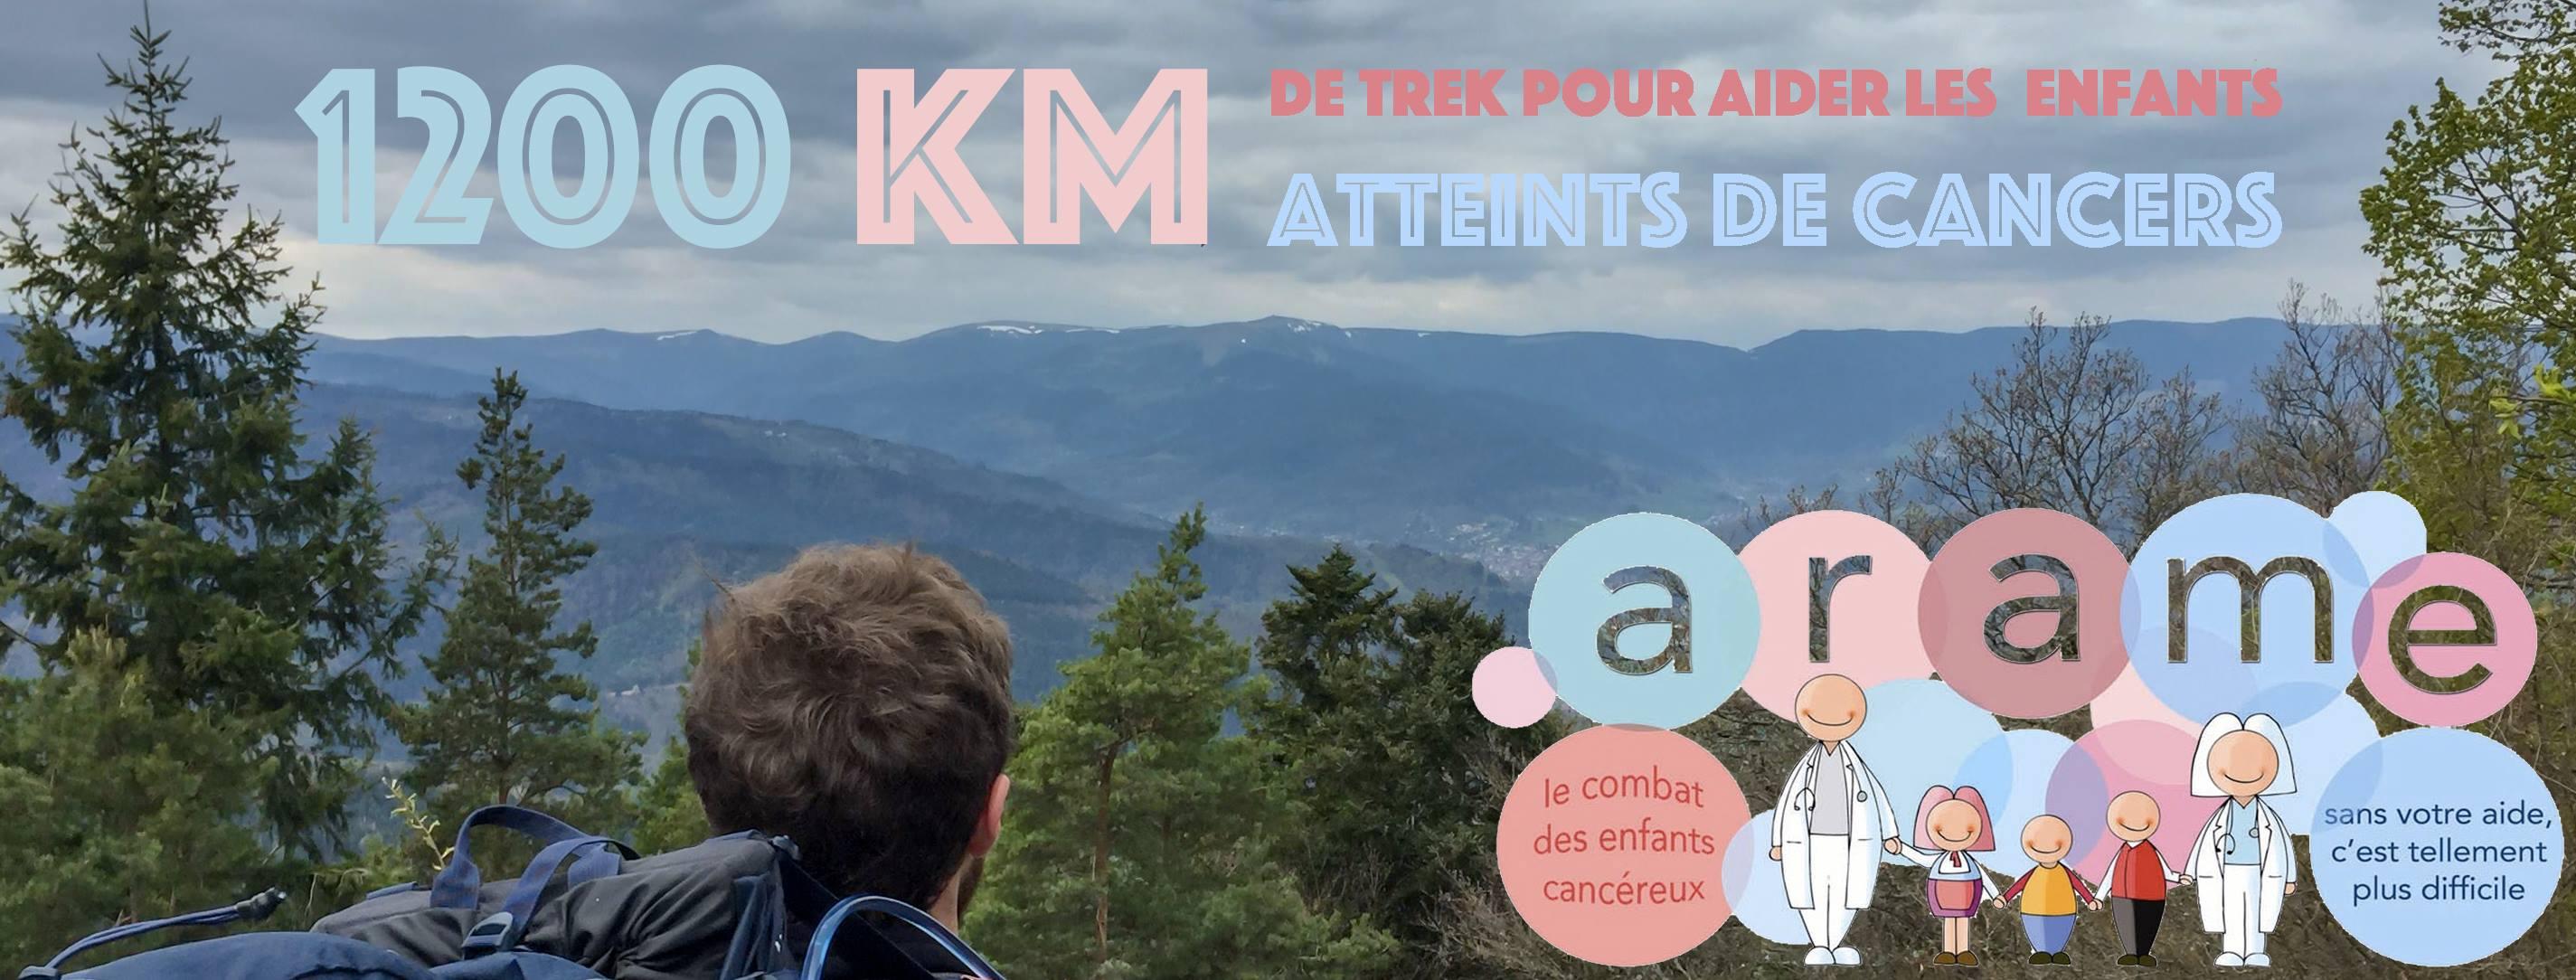 1200 km de trek pour aider les enfants atteints de cancer